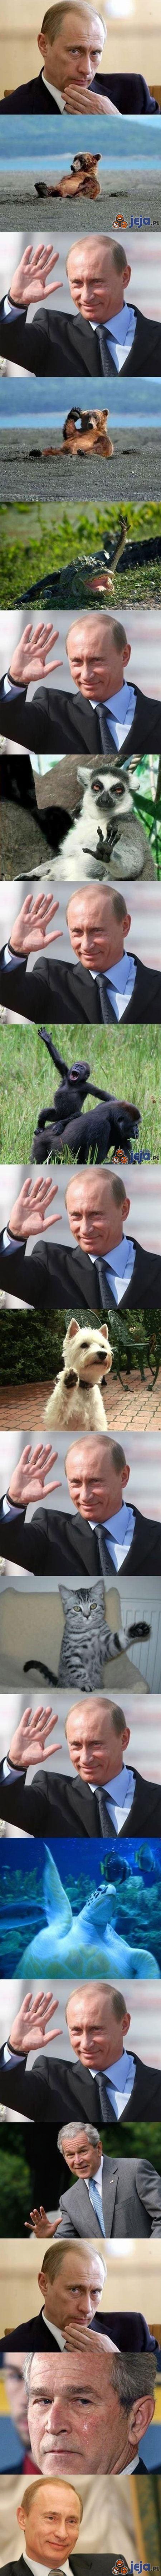 Putin przyjaciel zwierząt